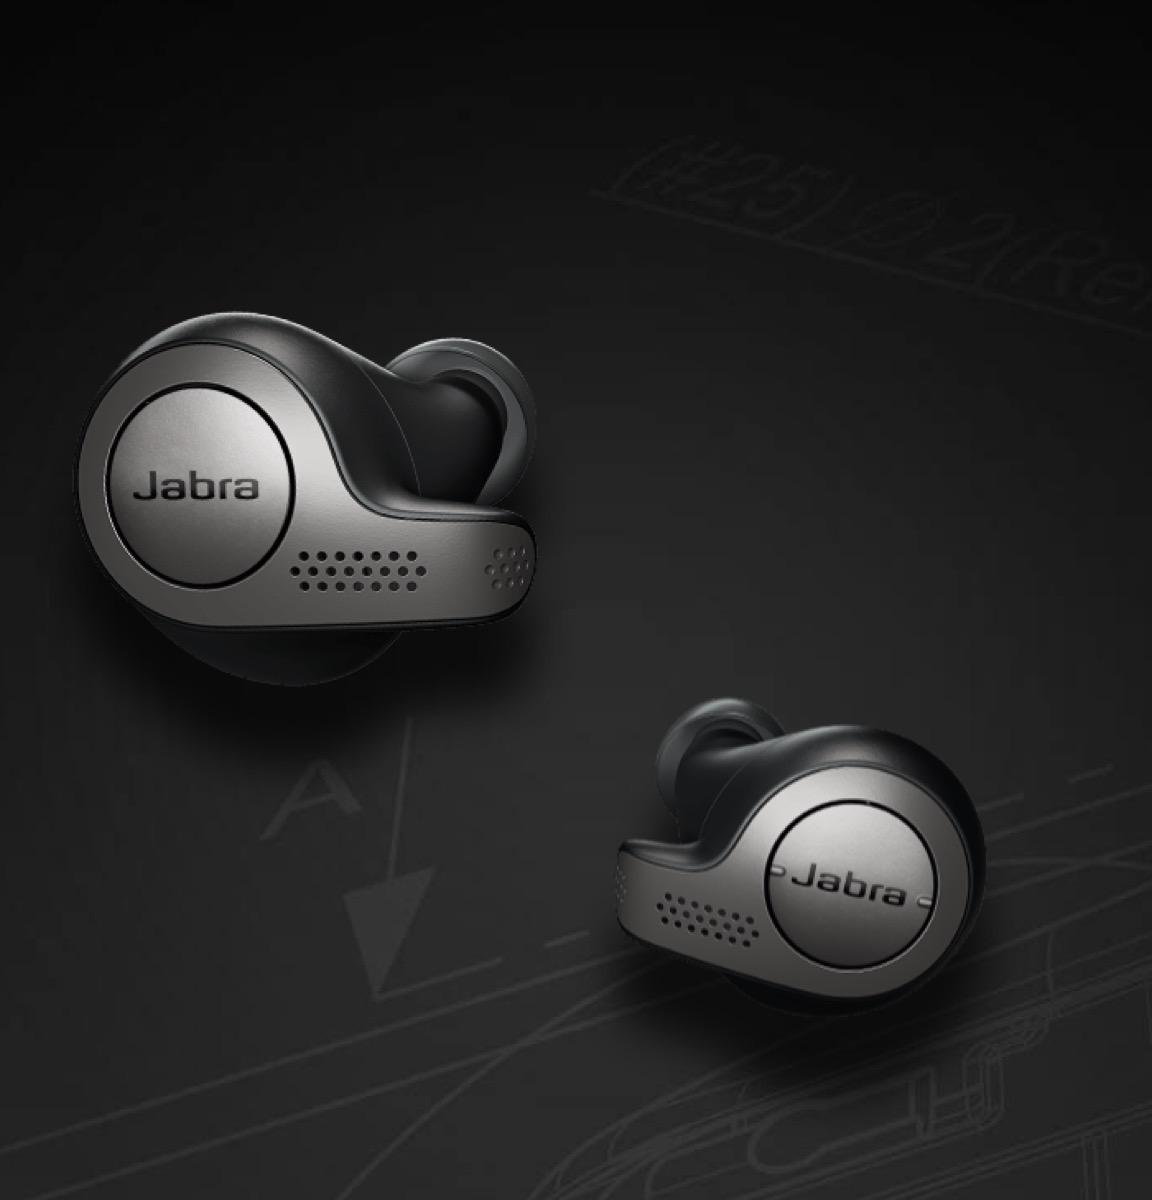 jabra elite 65t wireless earbuds jabra, best boyfriend gifts